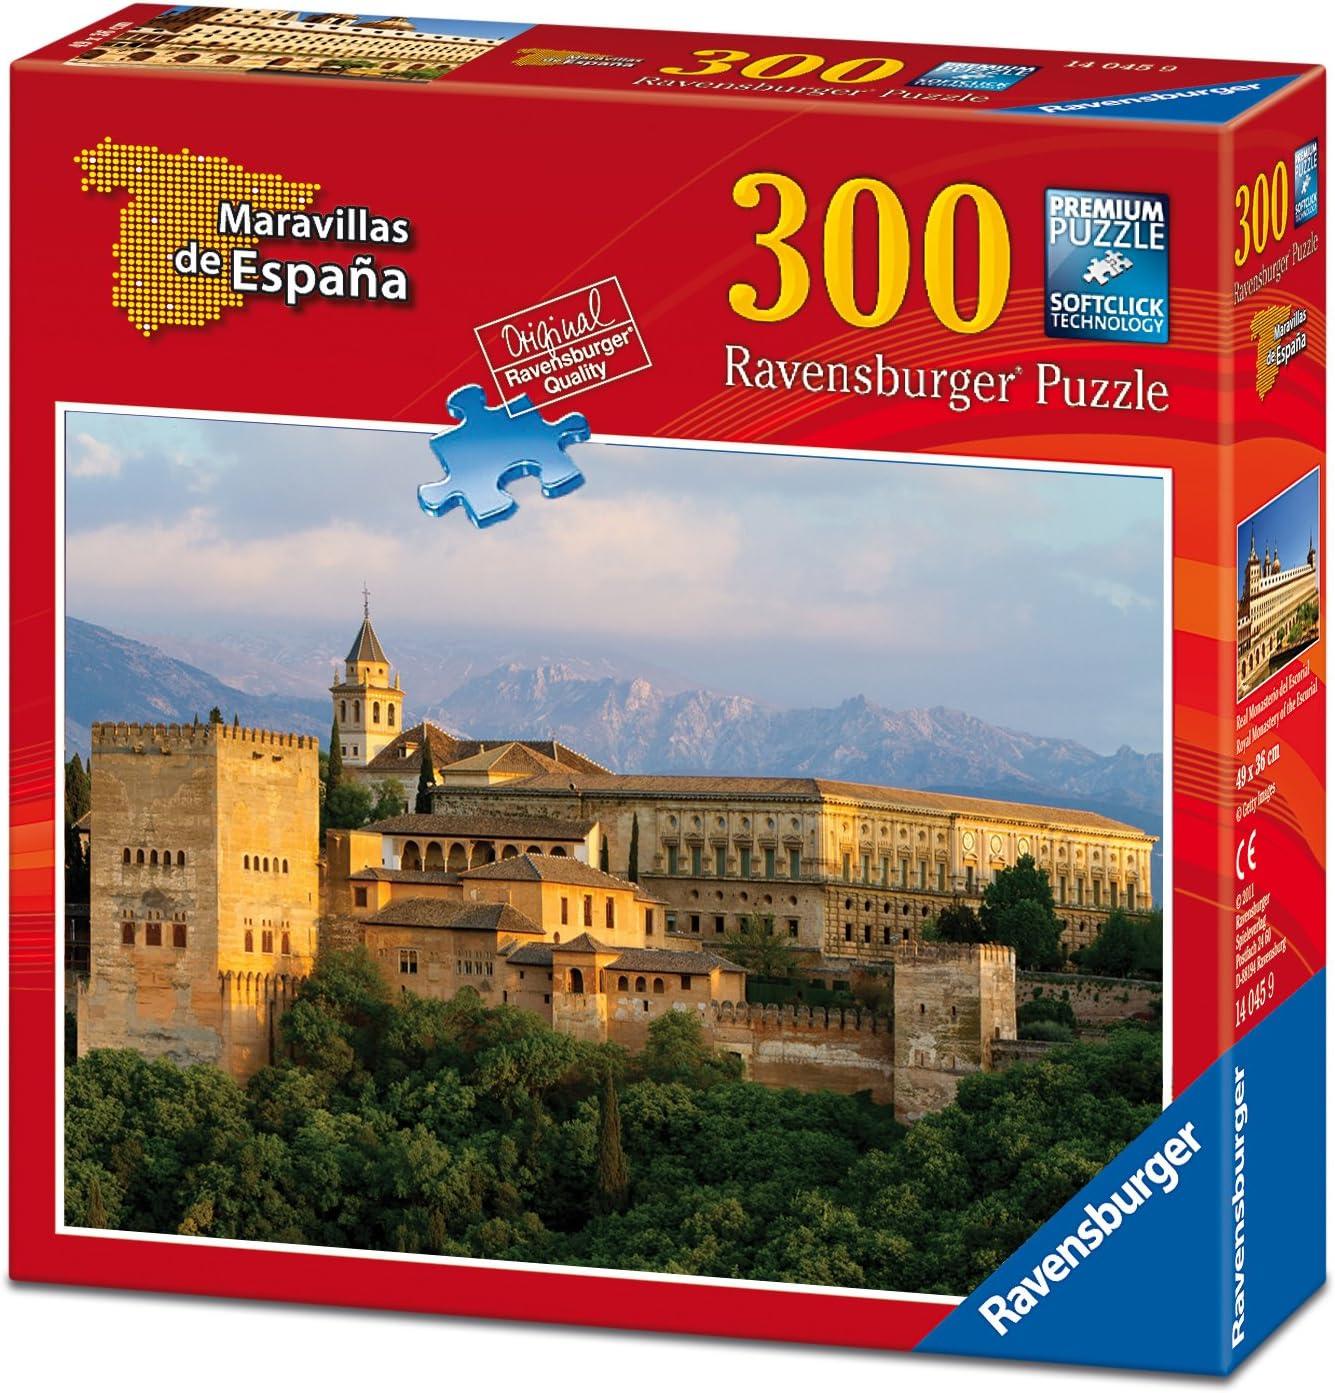 Ravensburger - Maravillas de España: La Alhambra, Puzzle de 300 Piezas (14047 3): Amazon.es: Juguetes y juegos